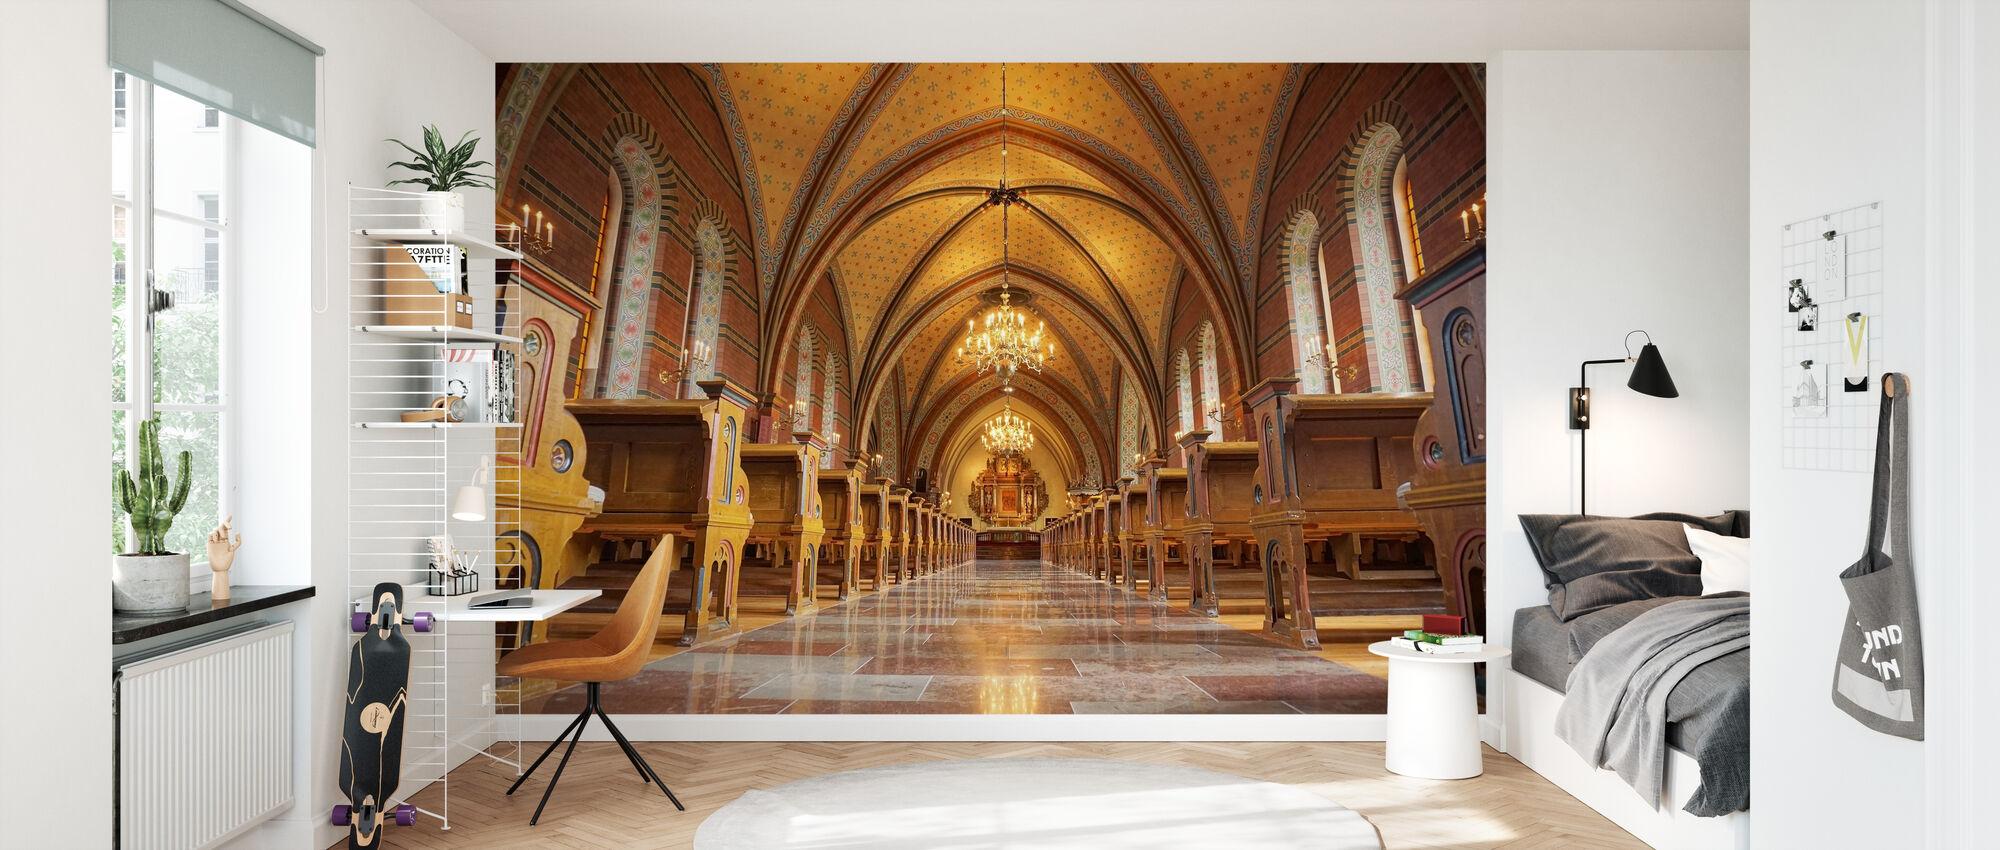 Katolinen kirkko - Tapetti - Lastenhuone